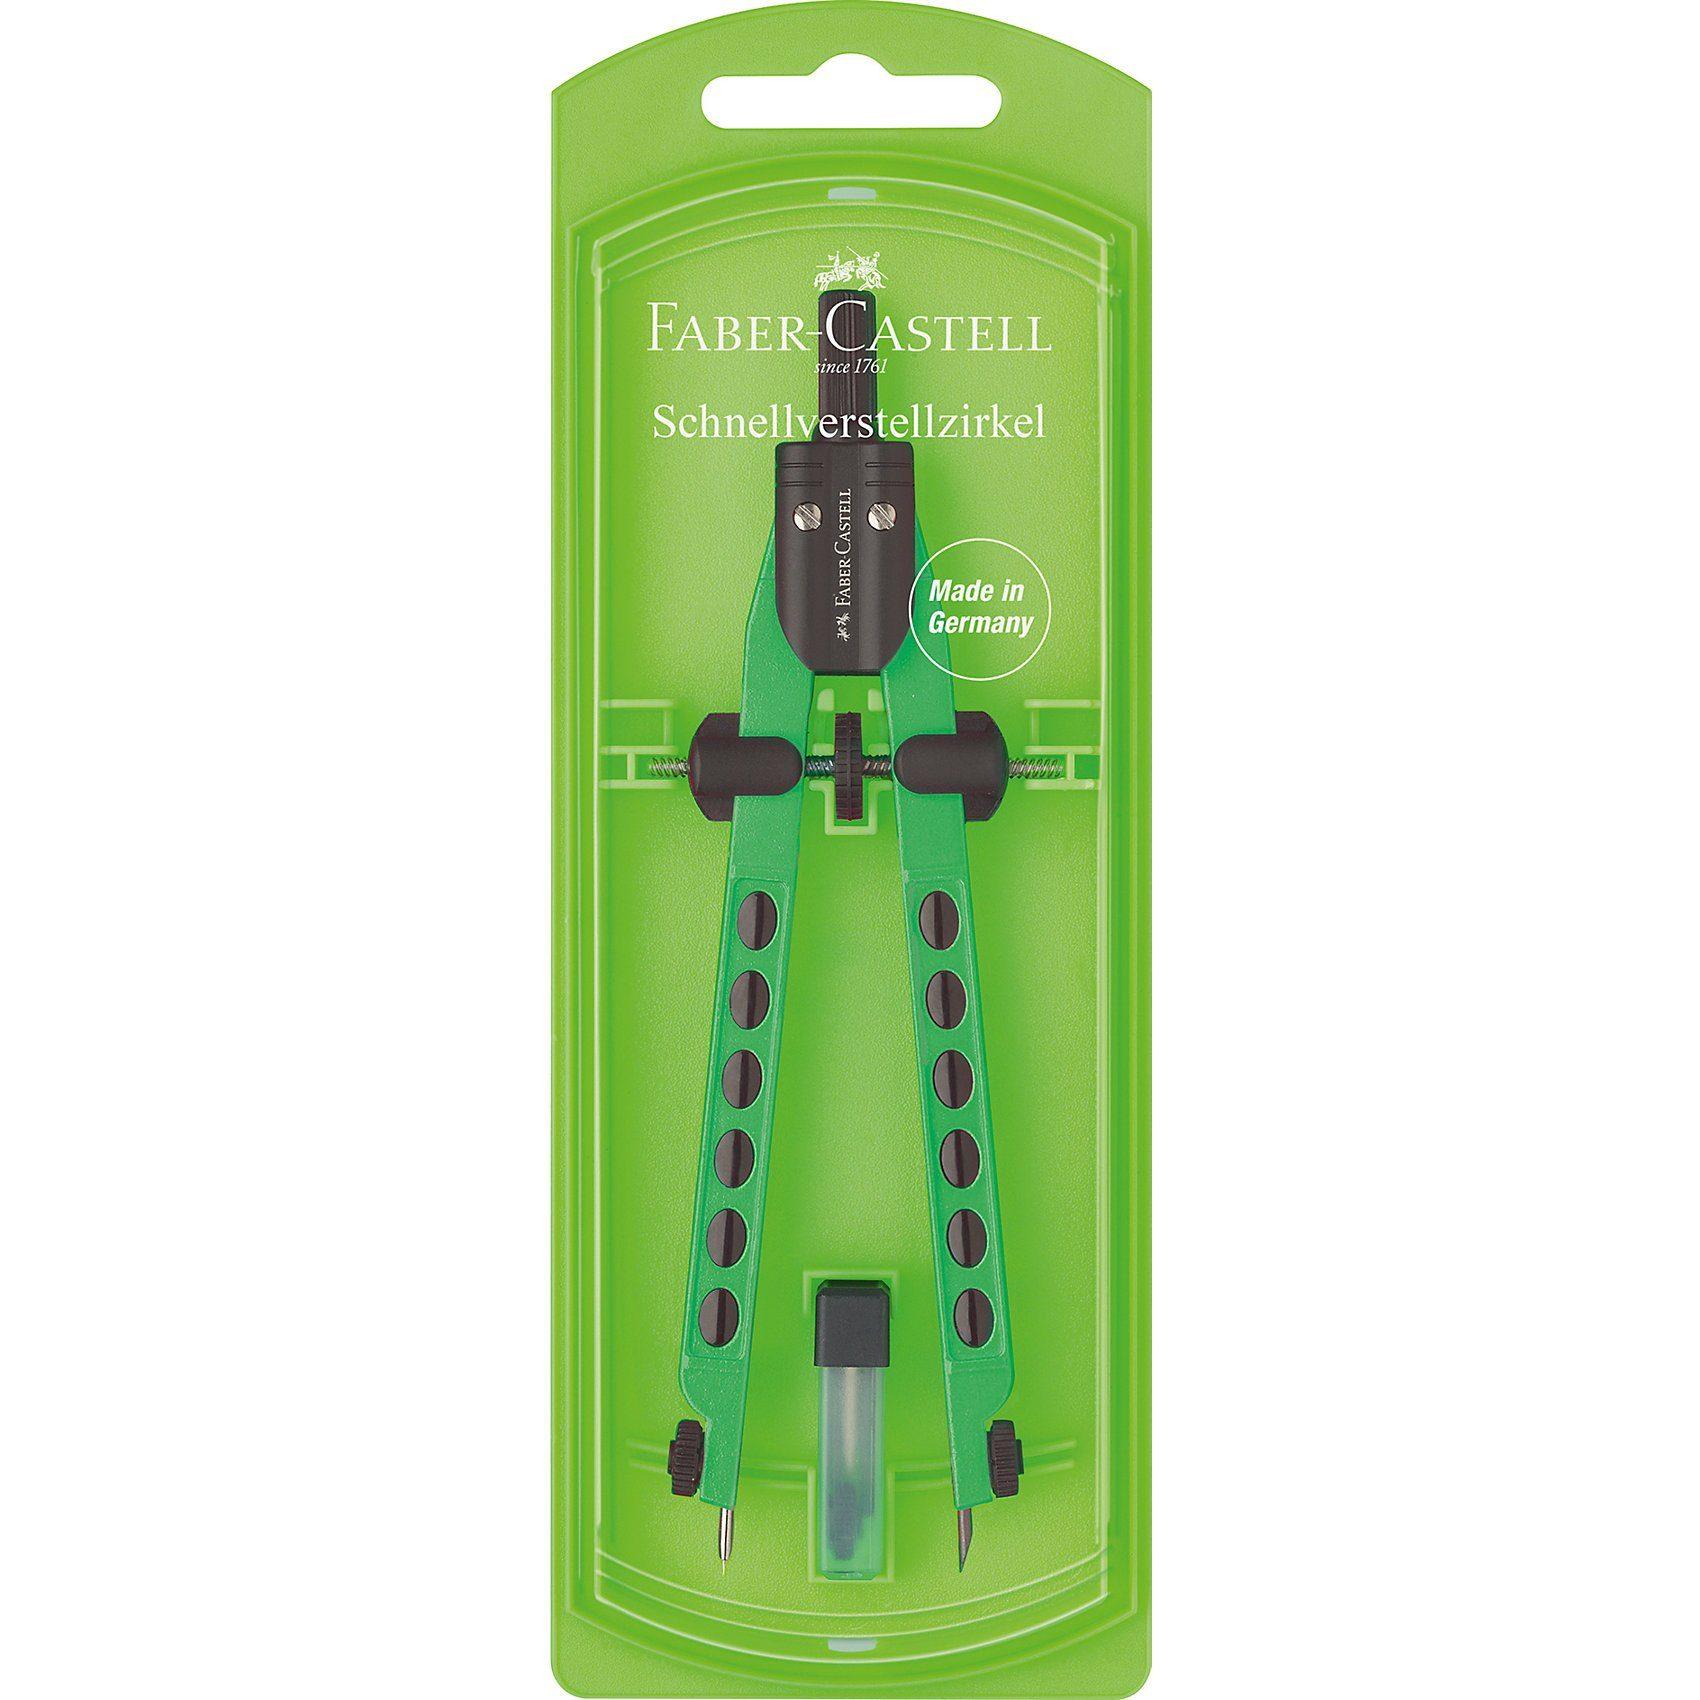 Faber-Castell Schnellverstellzirkel FACTORY, neon, sortiert